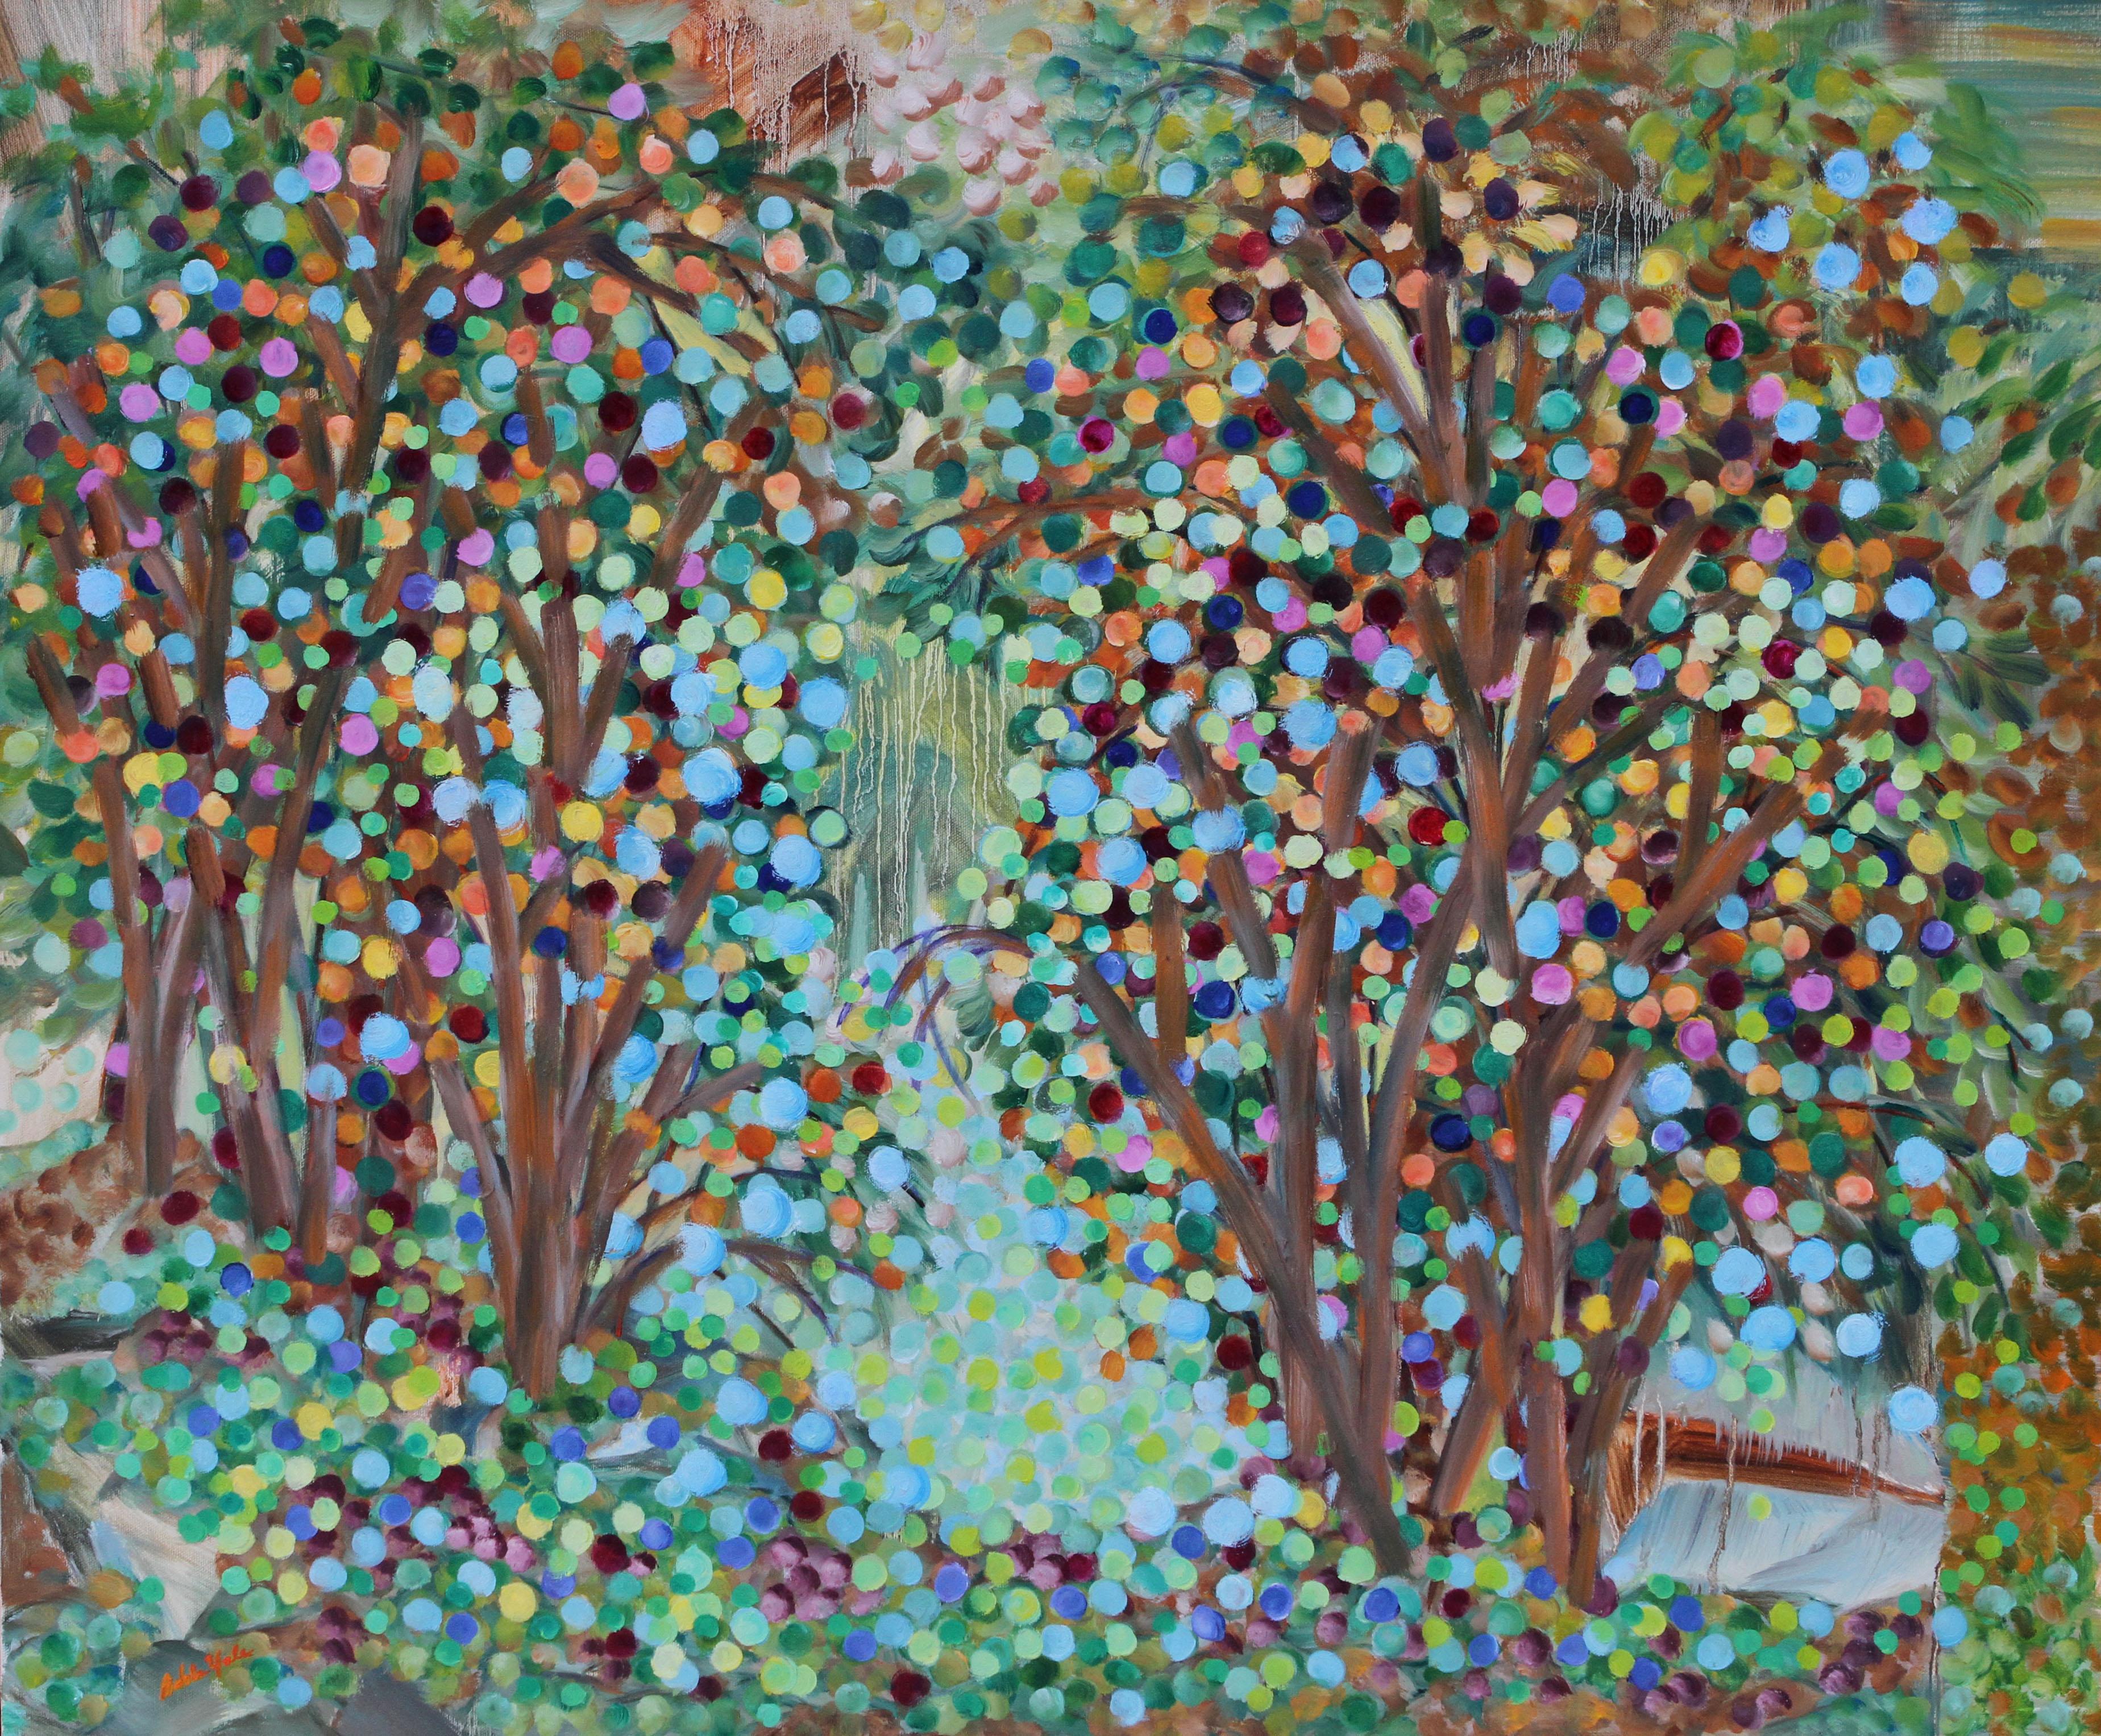 Gumdrop trees